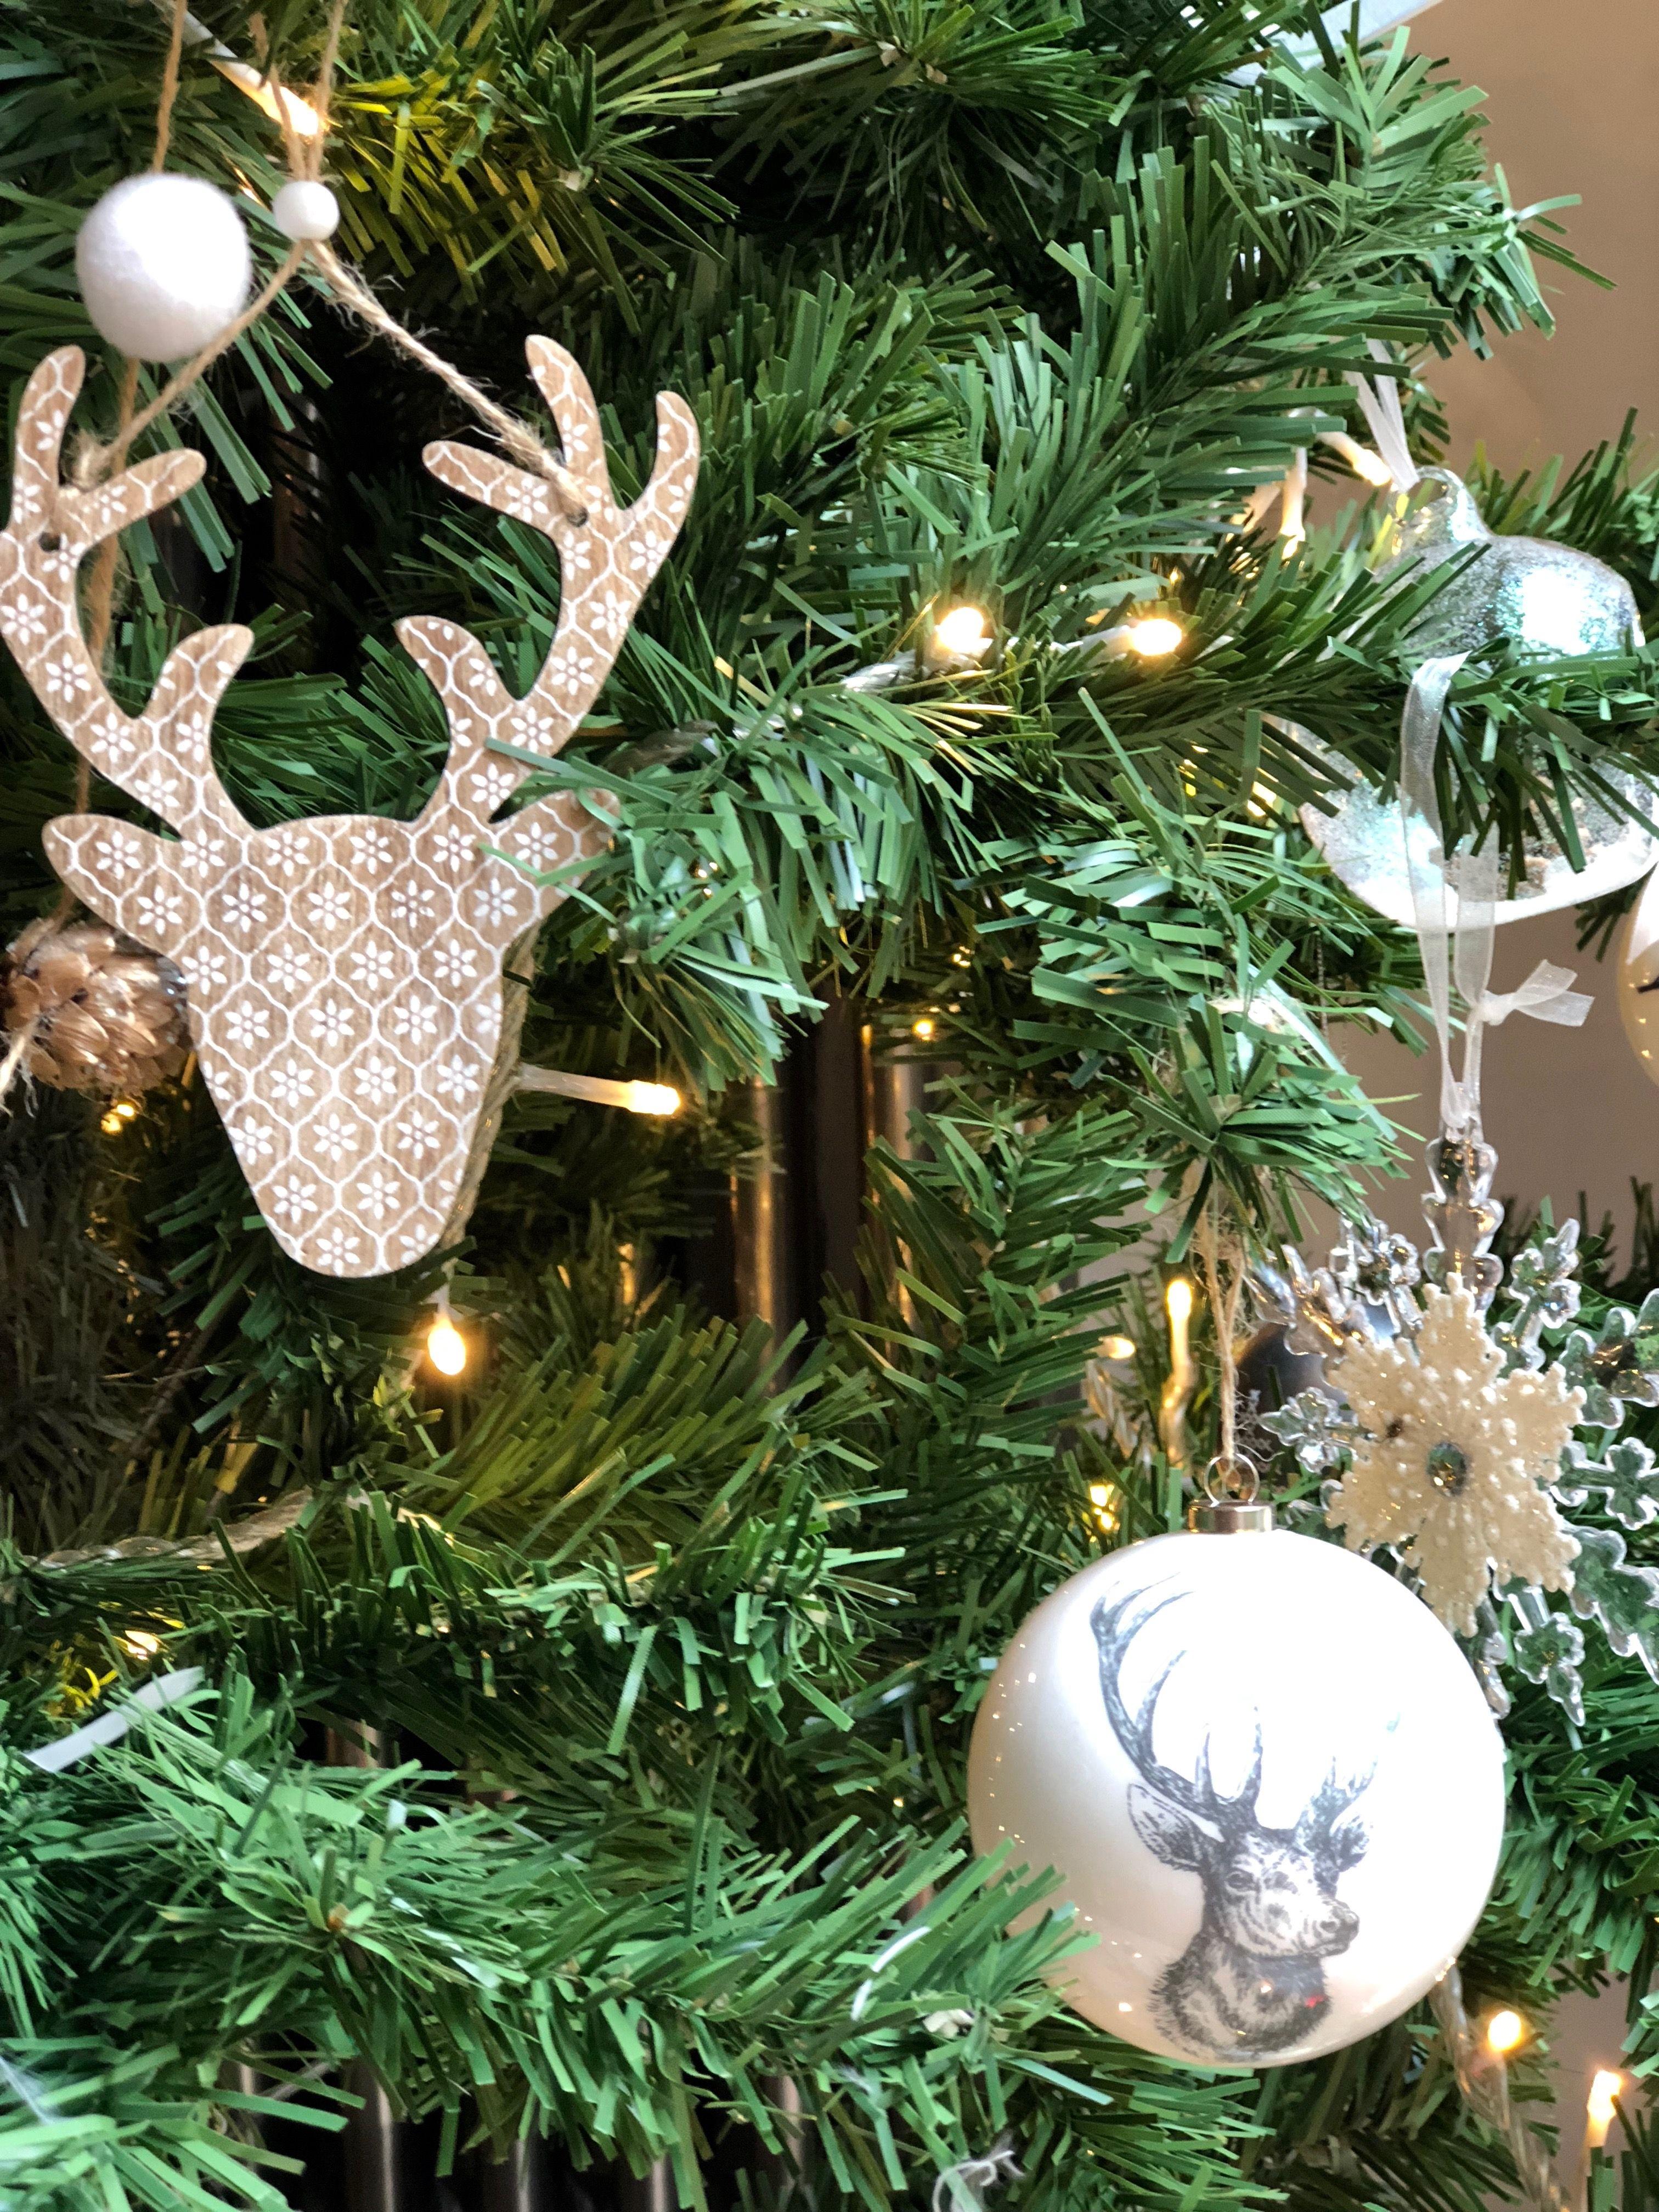 Personnage Et Objet Decoratif Objet Decoration Fetes De Noel Noel